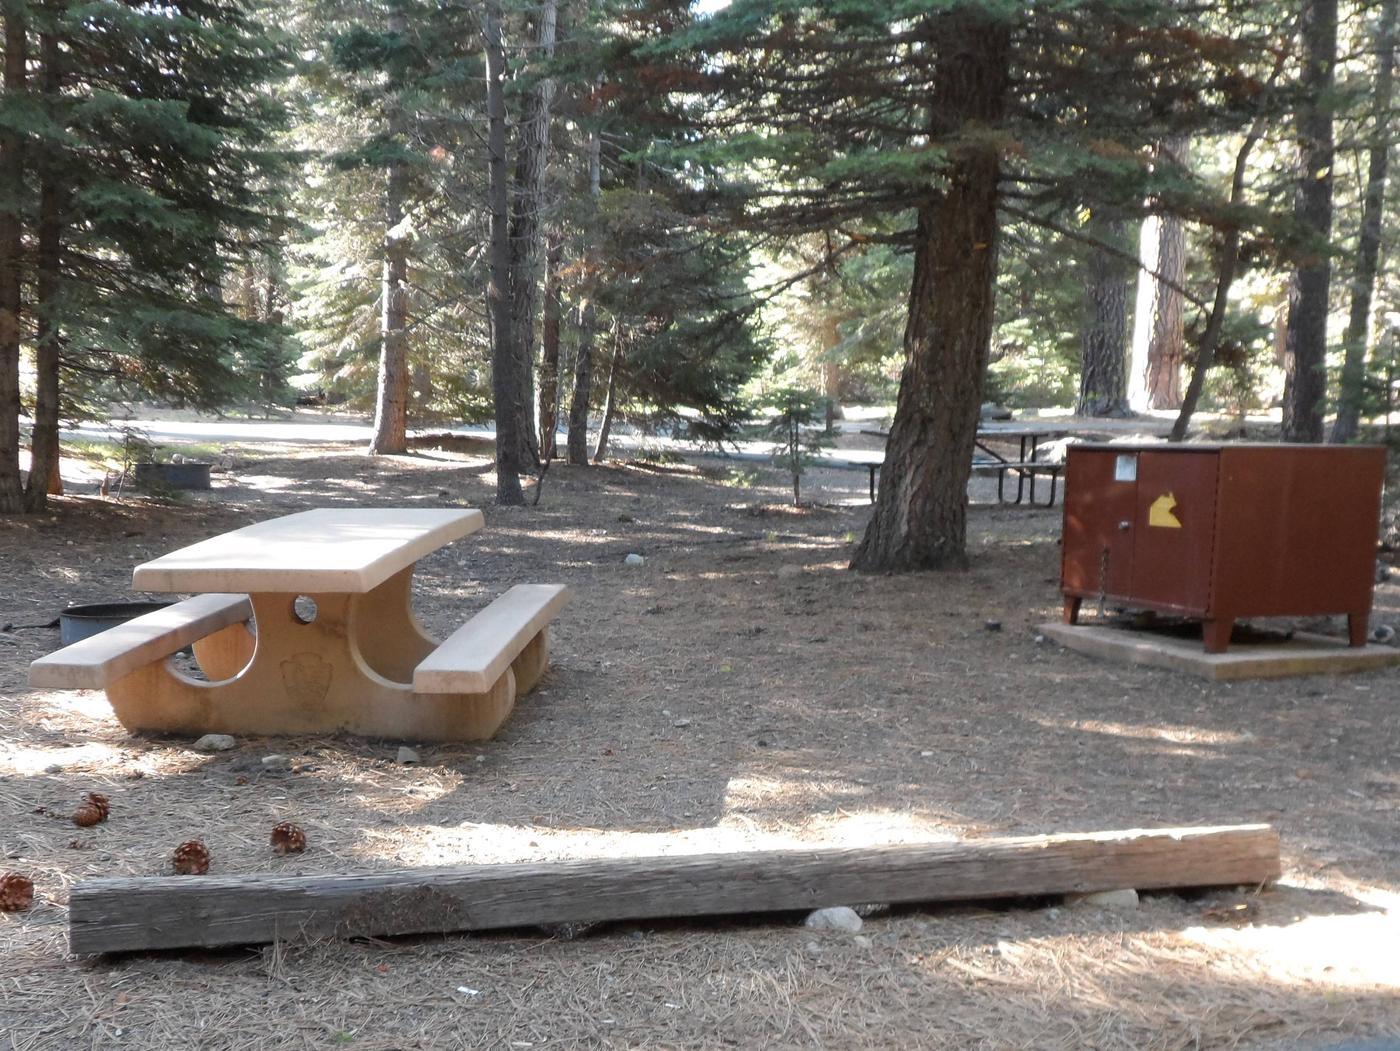 B3Manzanita Lake Campground, Loop B, Site B3